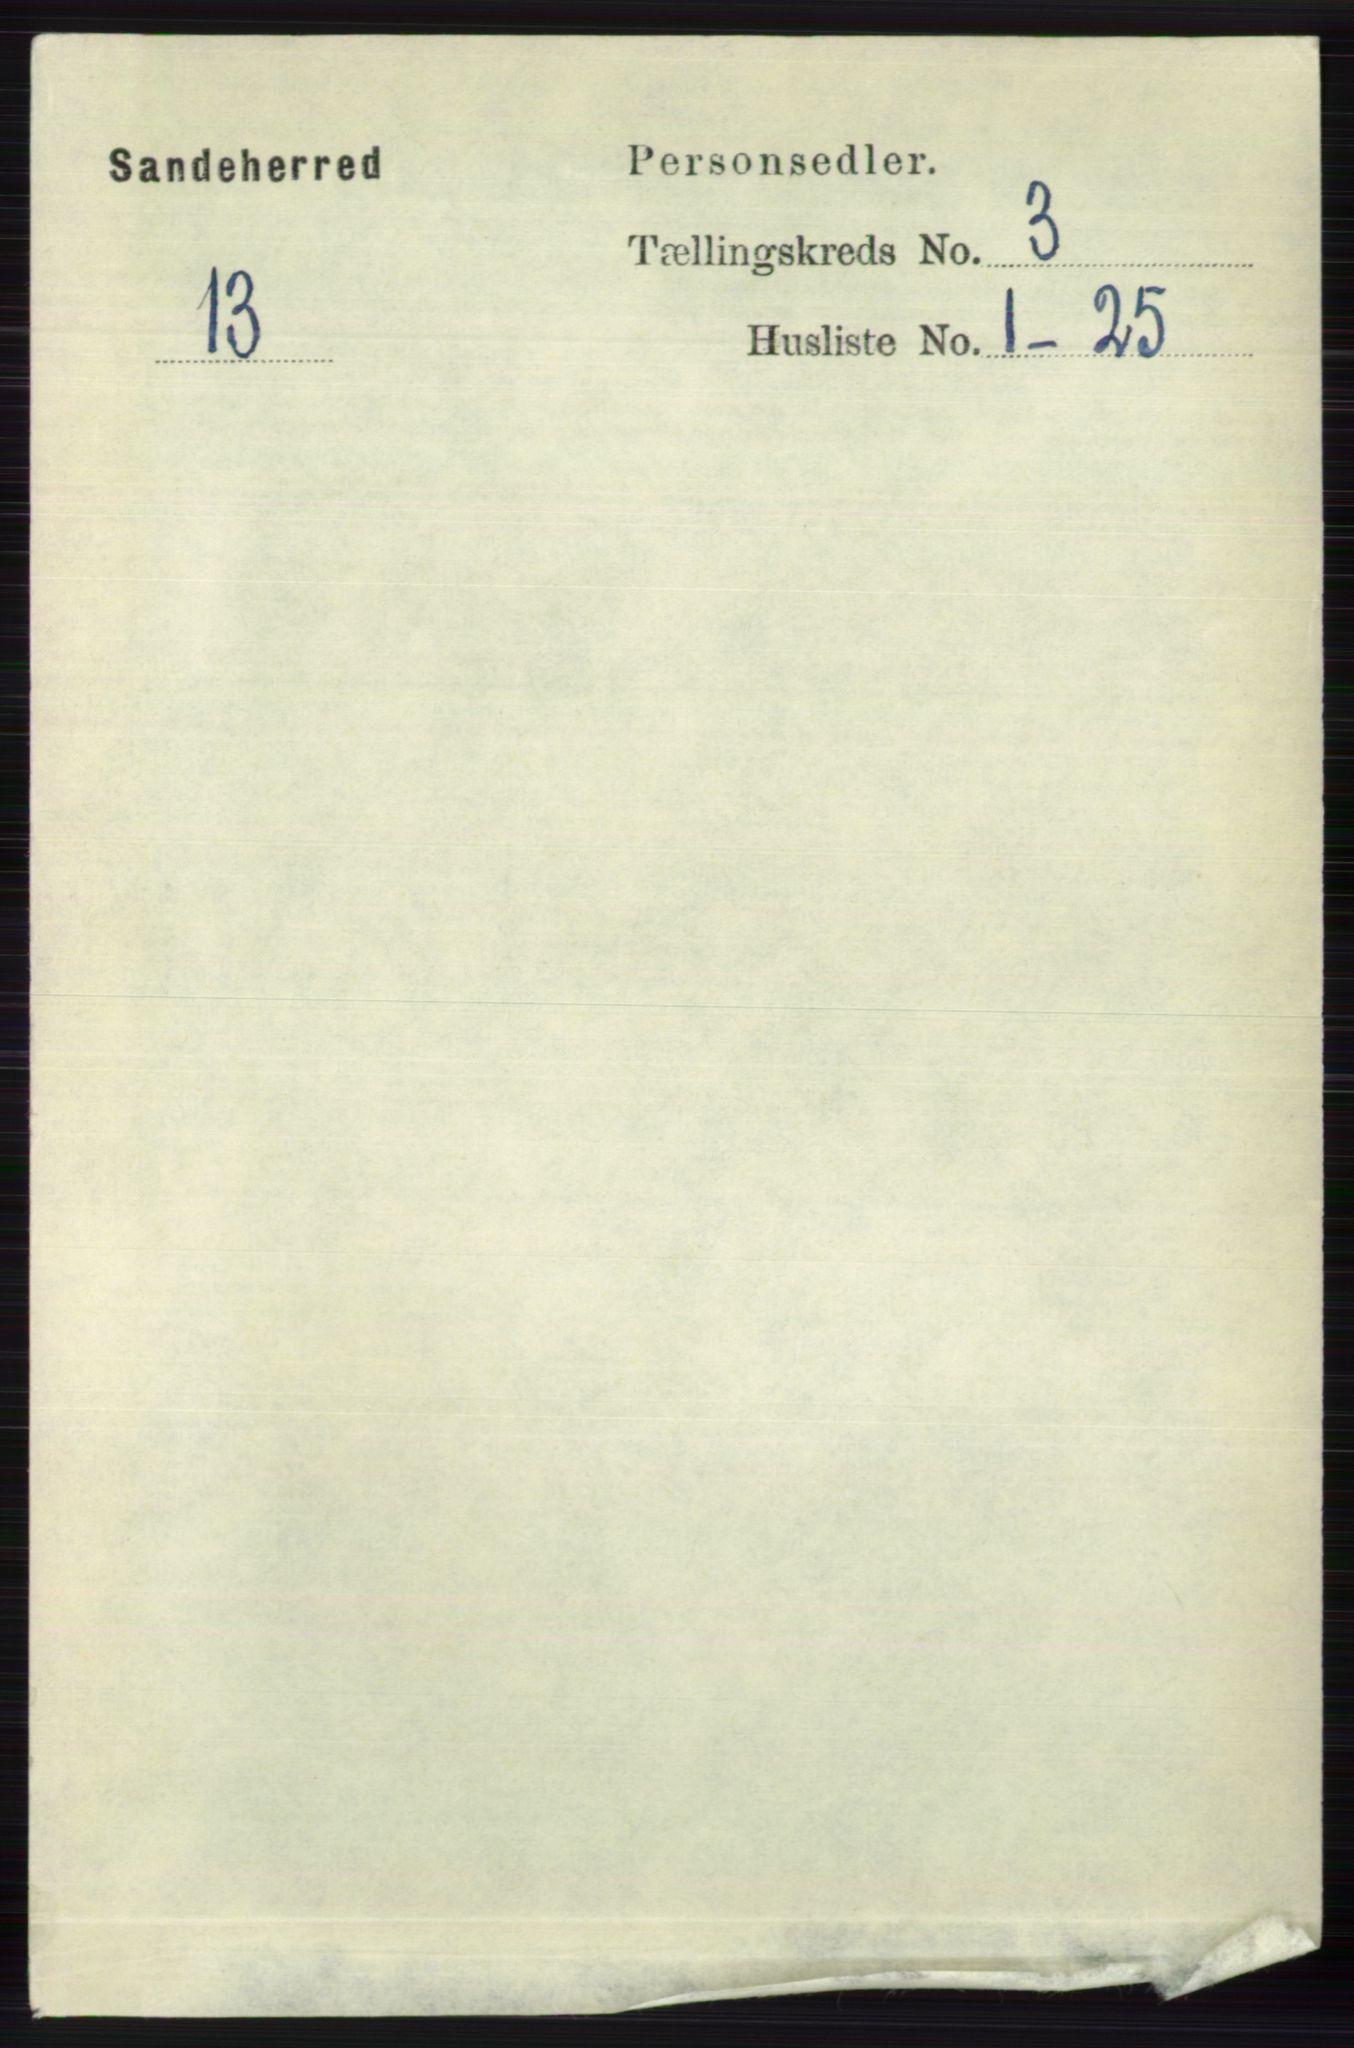 RA, Folketelling 1891 for 0724 Sandeherred herred, 1891, s. 1980